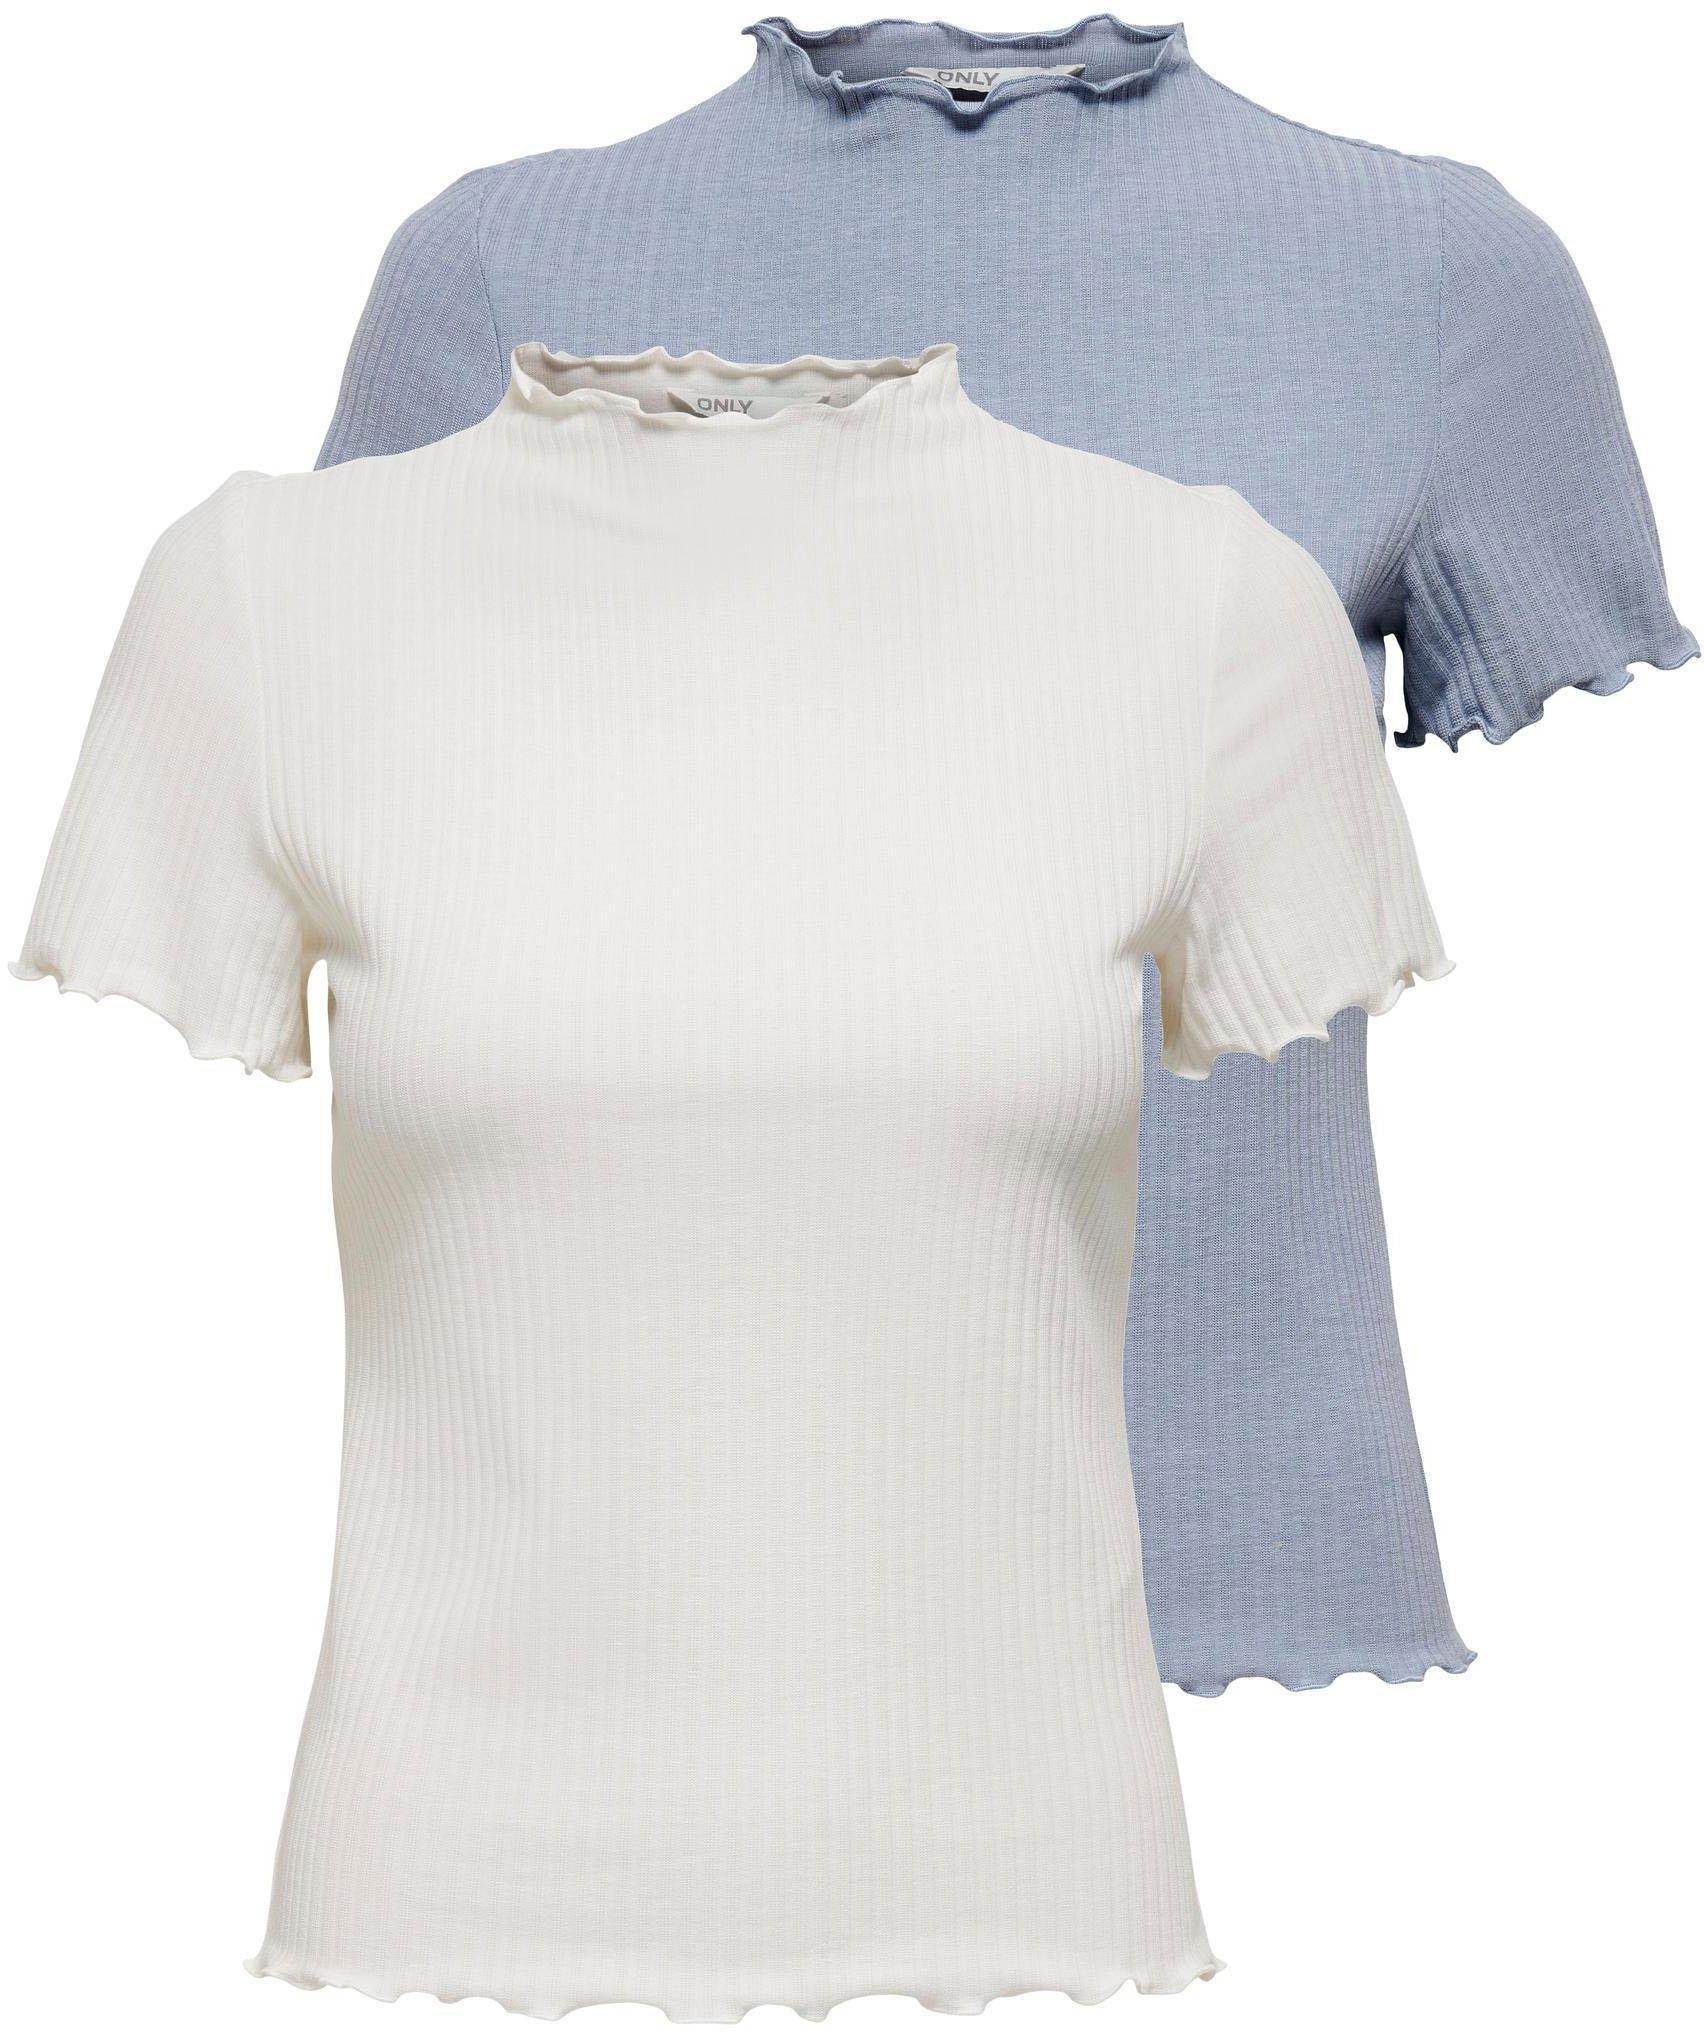 Only T-shirt ONLEMMA in geribde look (Set van 2) bestellen: 30 dagen bedenktijd